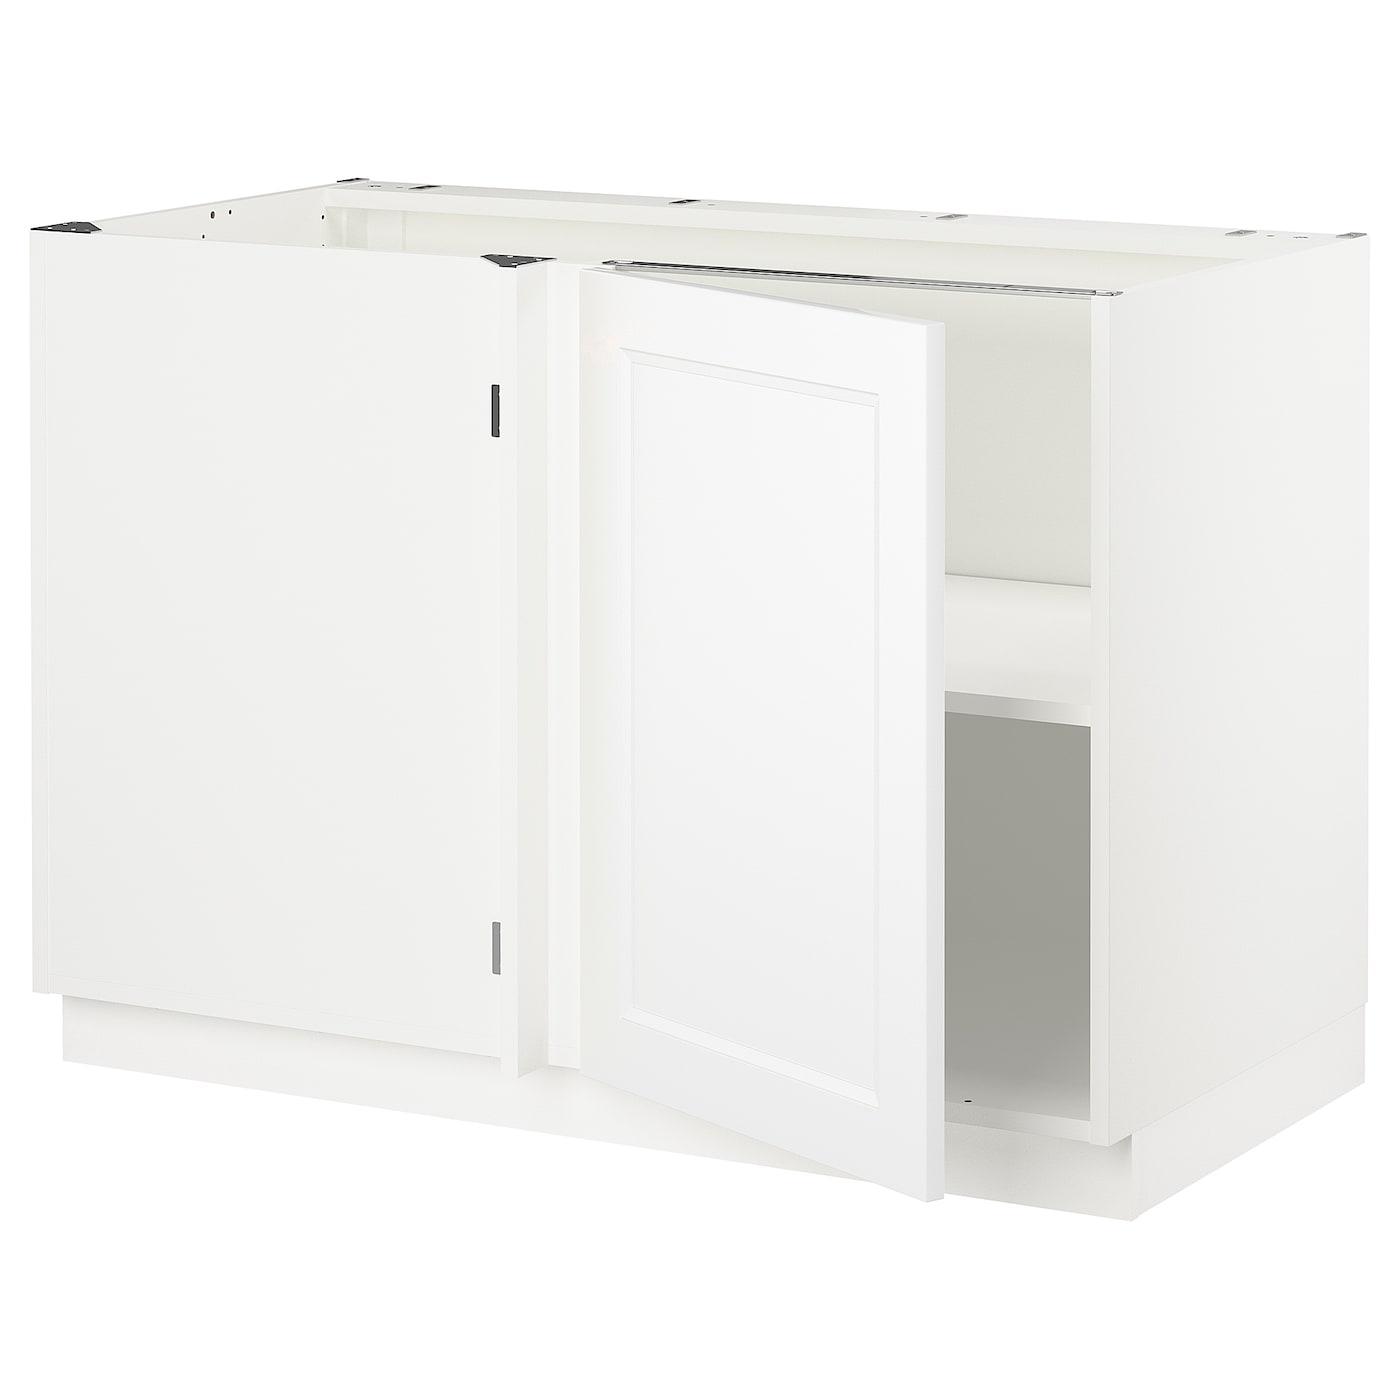 SEKTION Corner base cabinet with shelf - white, Axstad ...